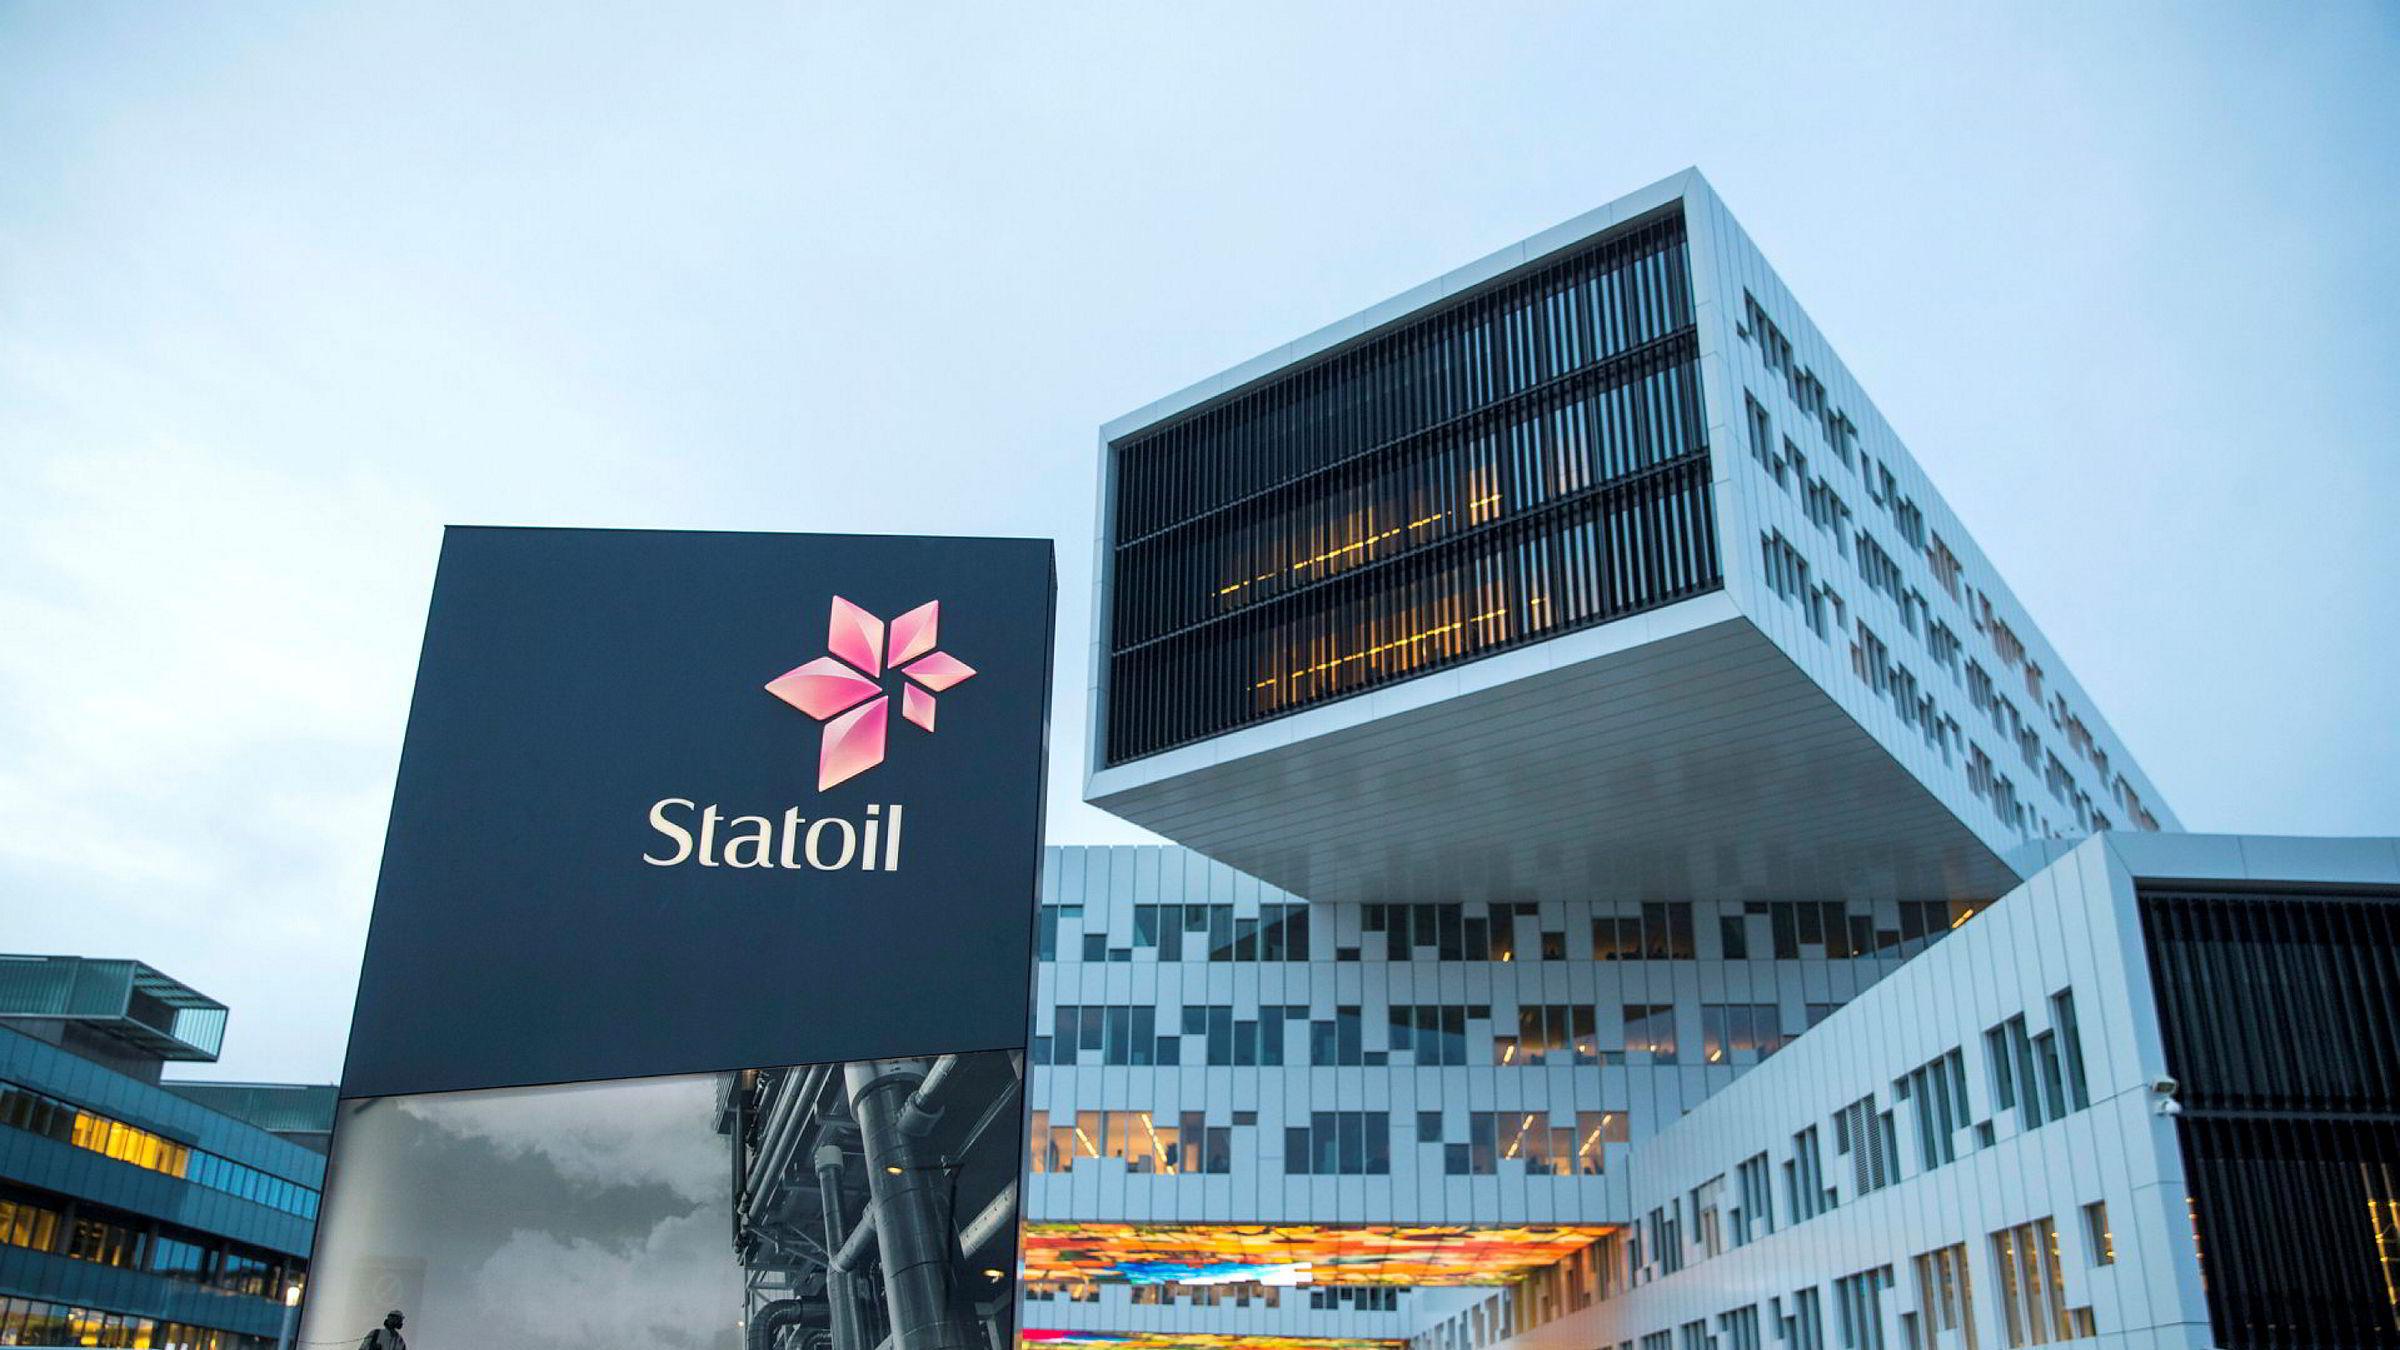 Det er ikke lett å forstå hvorfor arbeidet med eierskapsregisteret treneres av regjeringen, skriver innleggsforfatterne. Her er Statoils Oslo-kontor på Fornebu.